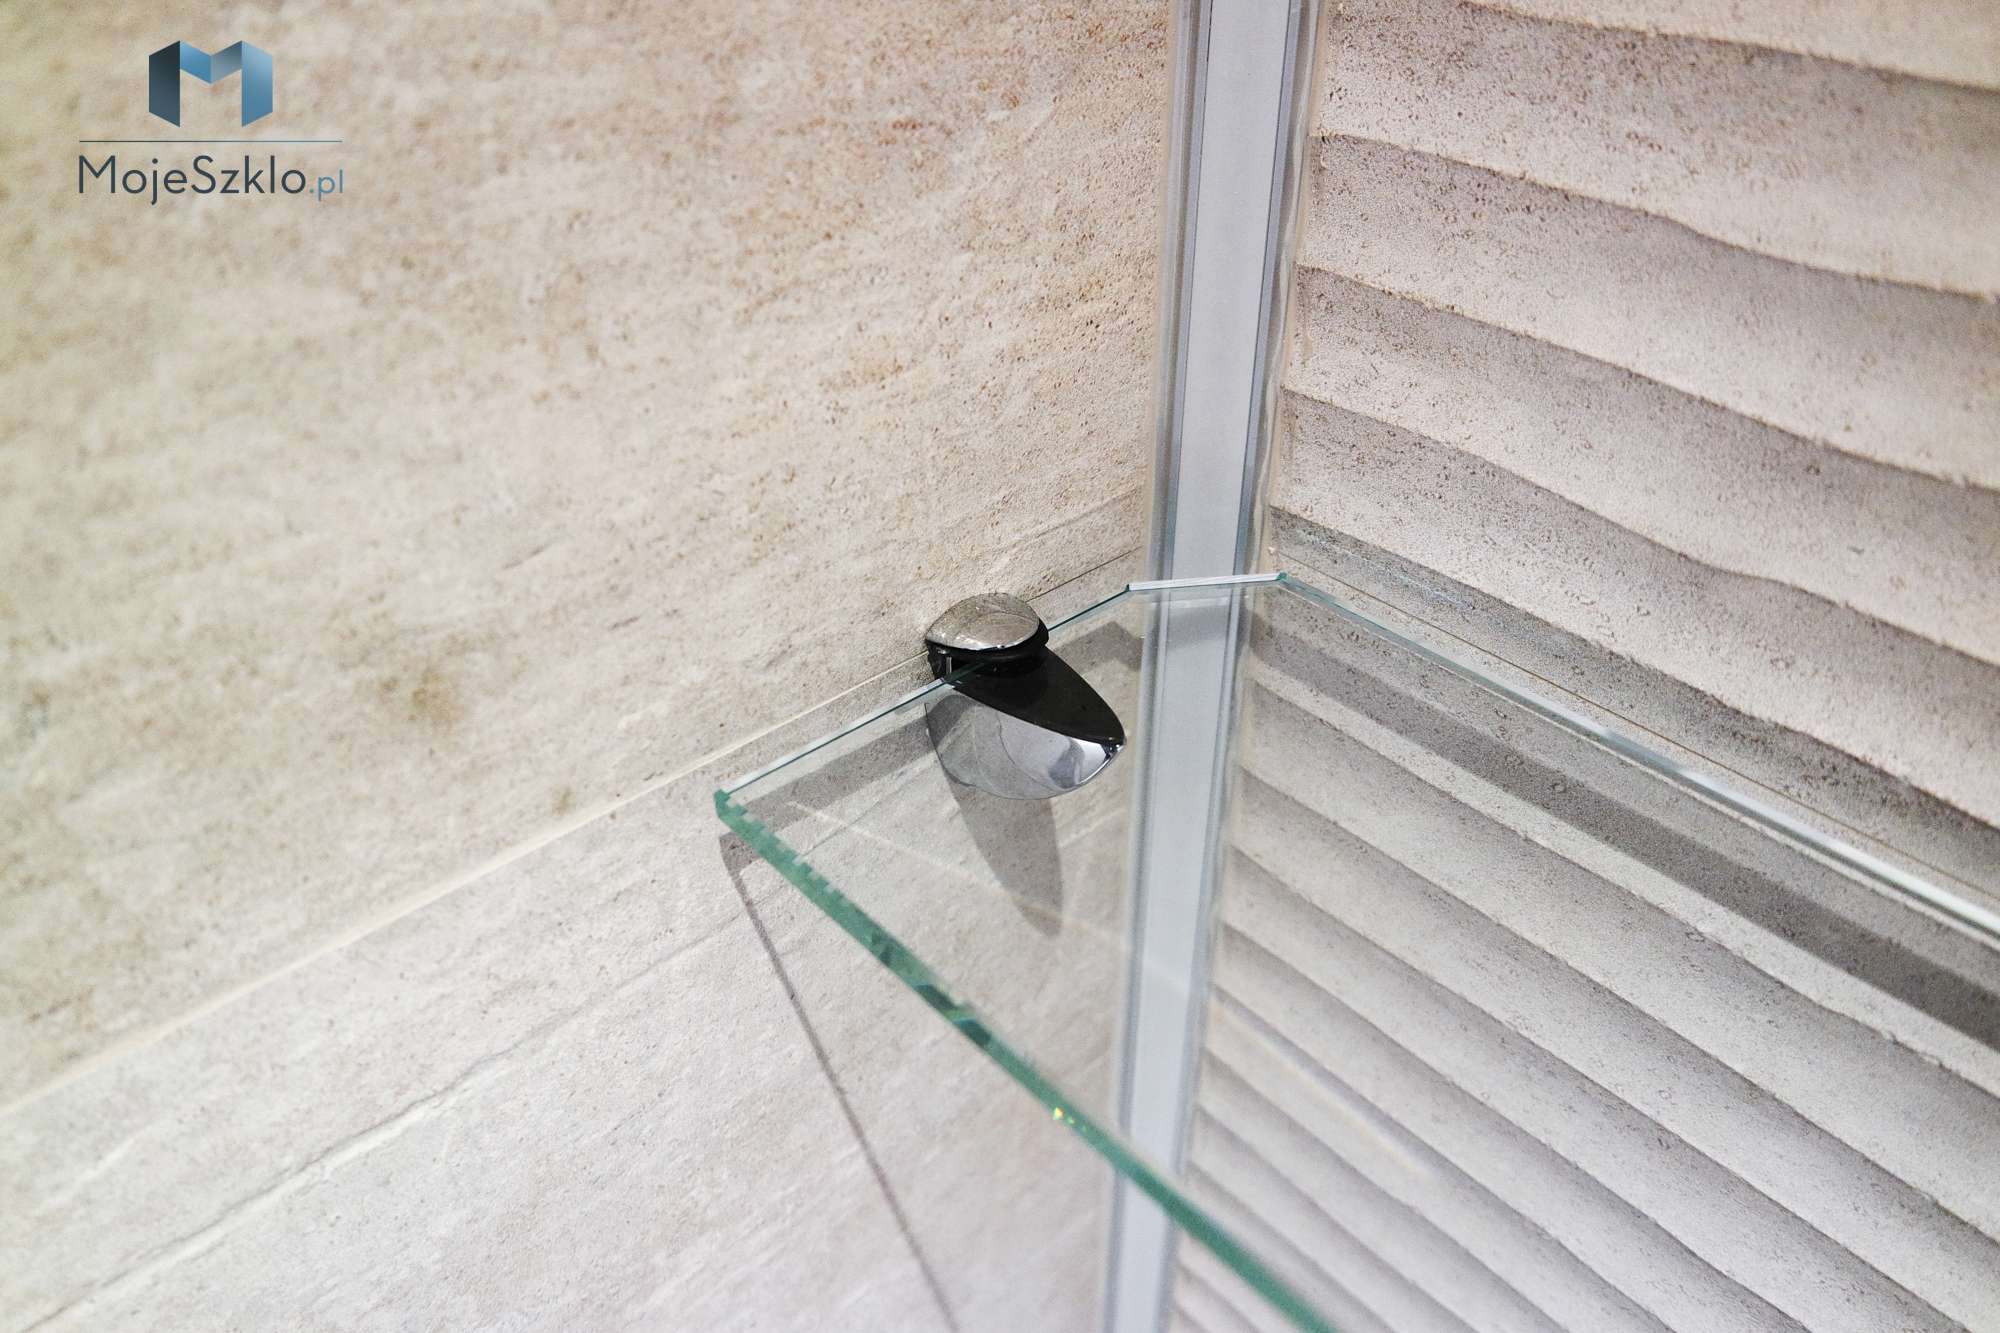 Szklana Polka Do Lazienki - Szklane półki do łazienki na wymiar